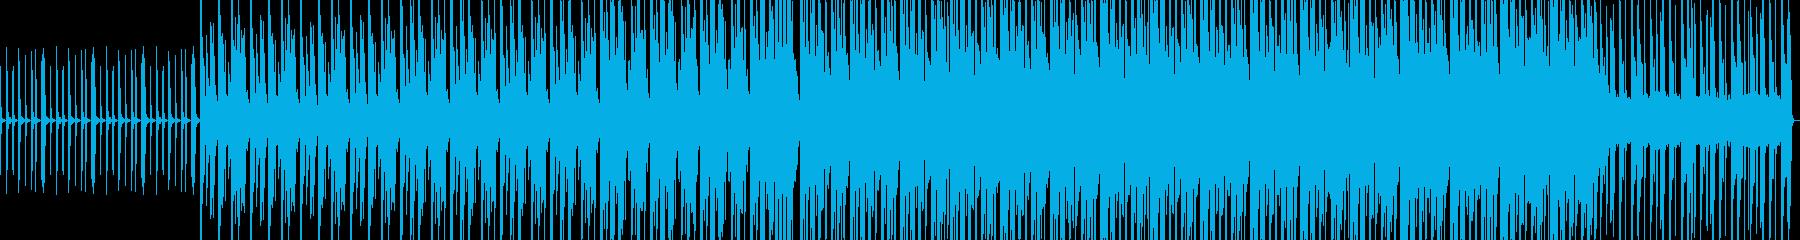 クラップとピアノのリズムカルなBGMの再生済みの波形